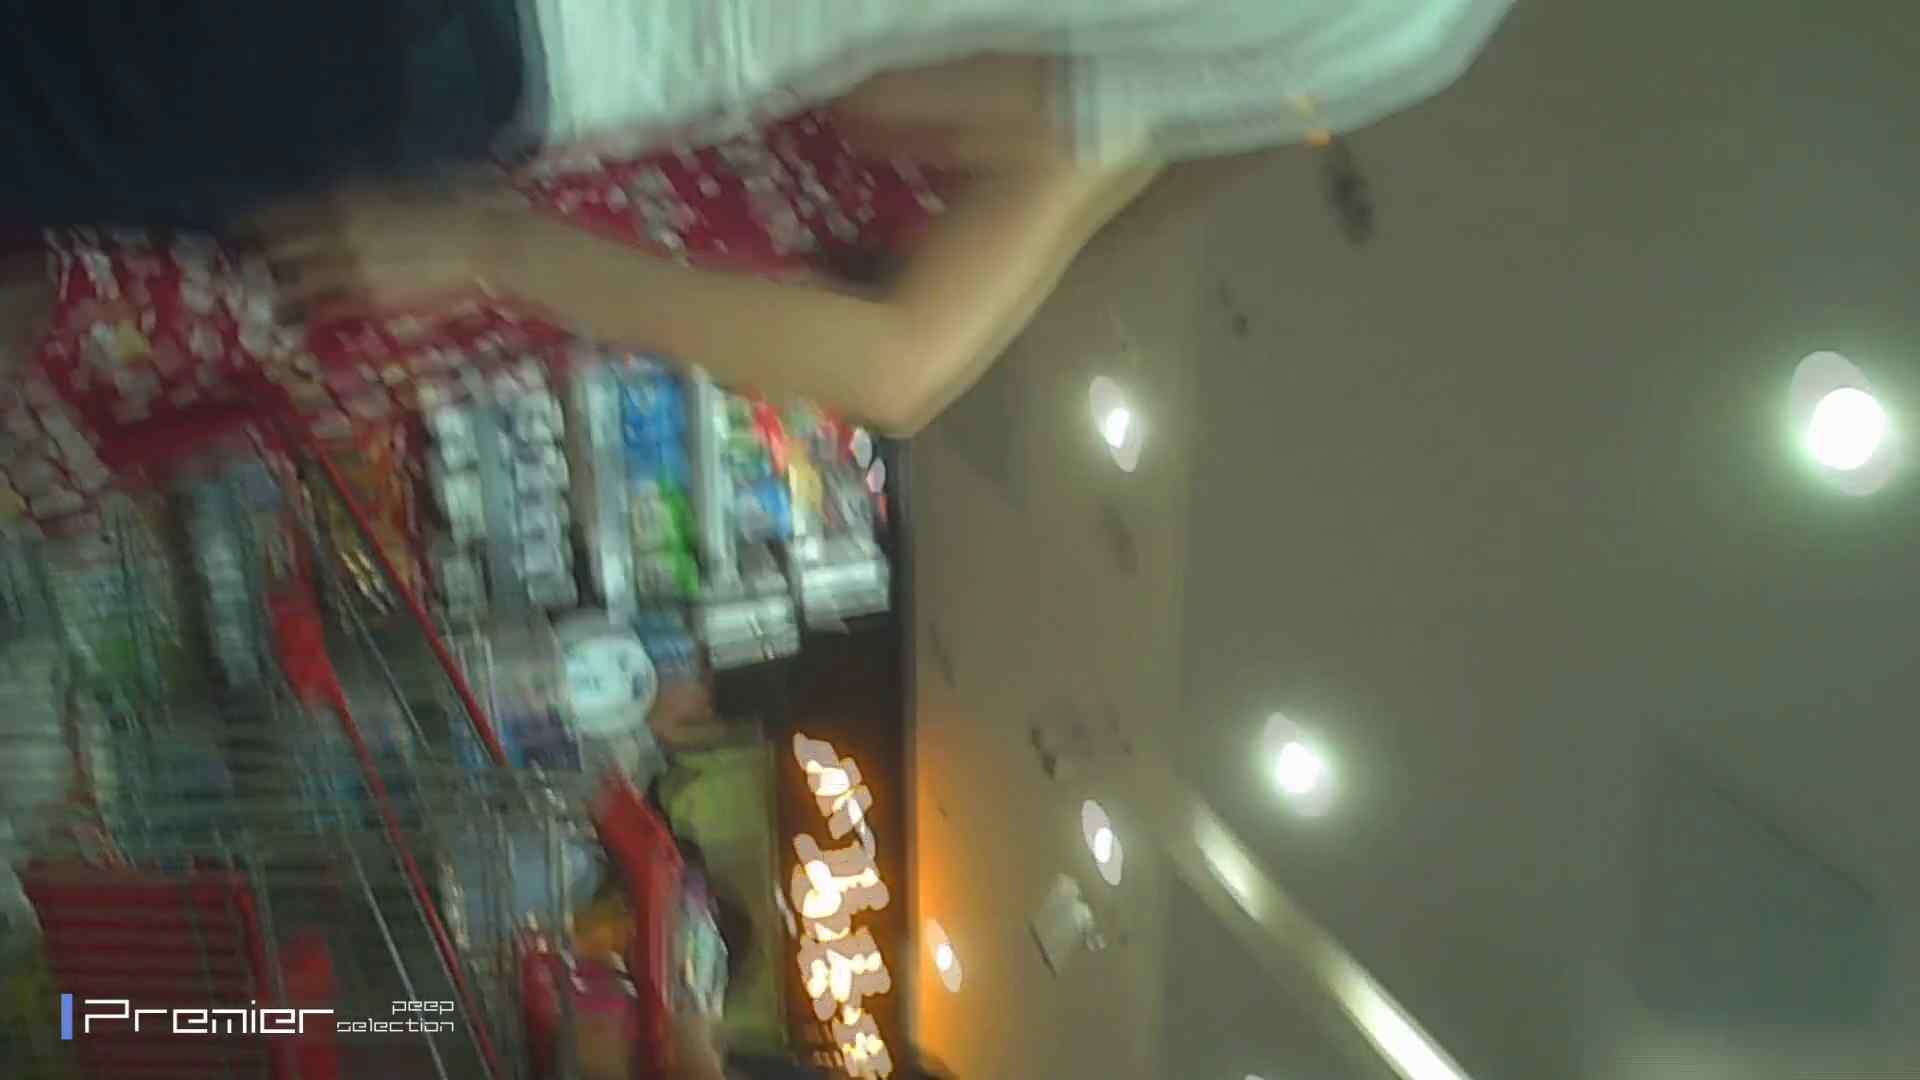 ギャルのパンチラ 美女の痴態に密着!Vol.15 洗面所 覗きワレメ動画紹介 105pic 43